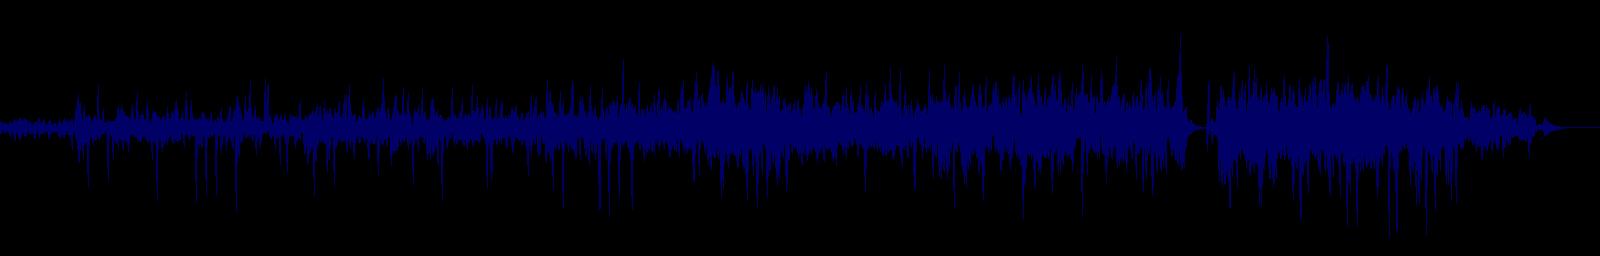 waveform of track #135008